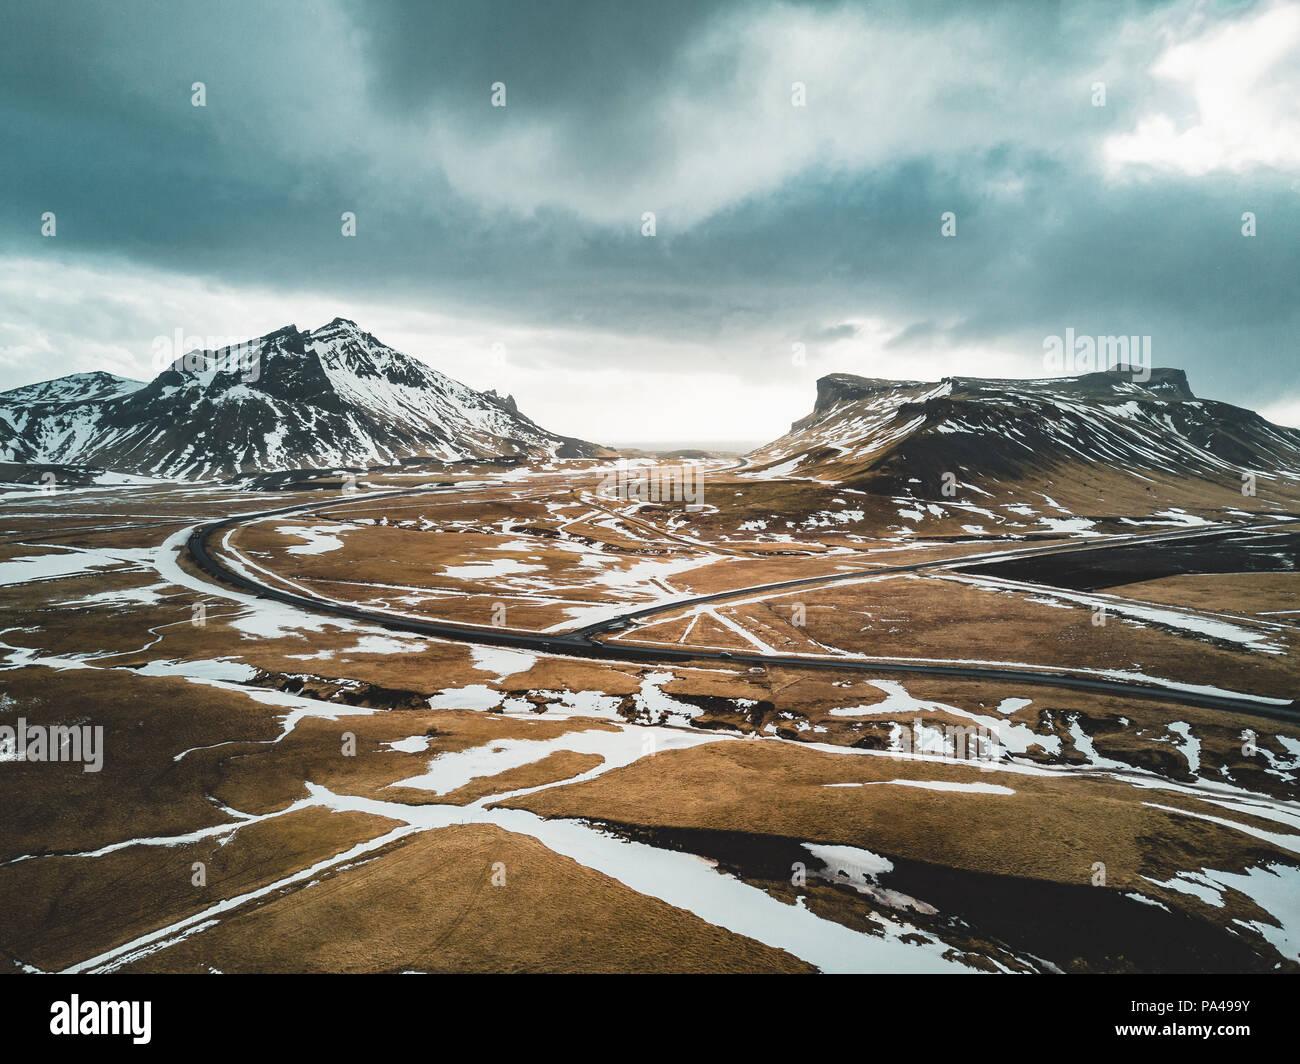 Island Luftaufnahme Landschaft mit Schnee und Wolken-, Street- und Gelbes und grünes Gras Stockbild